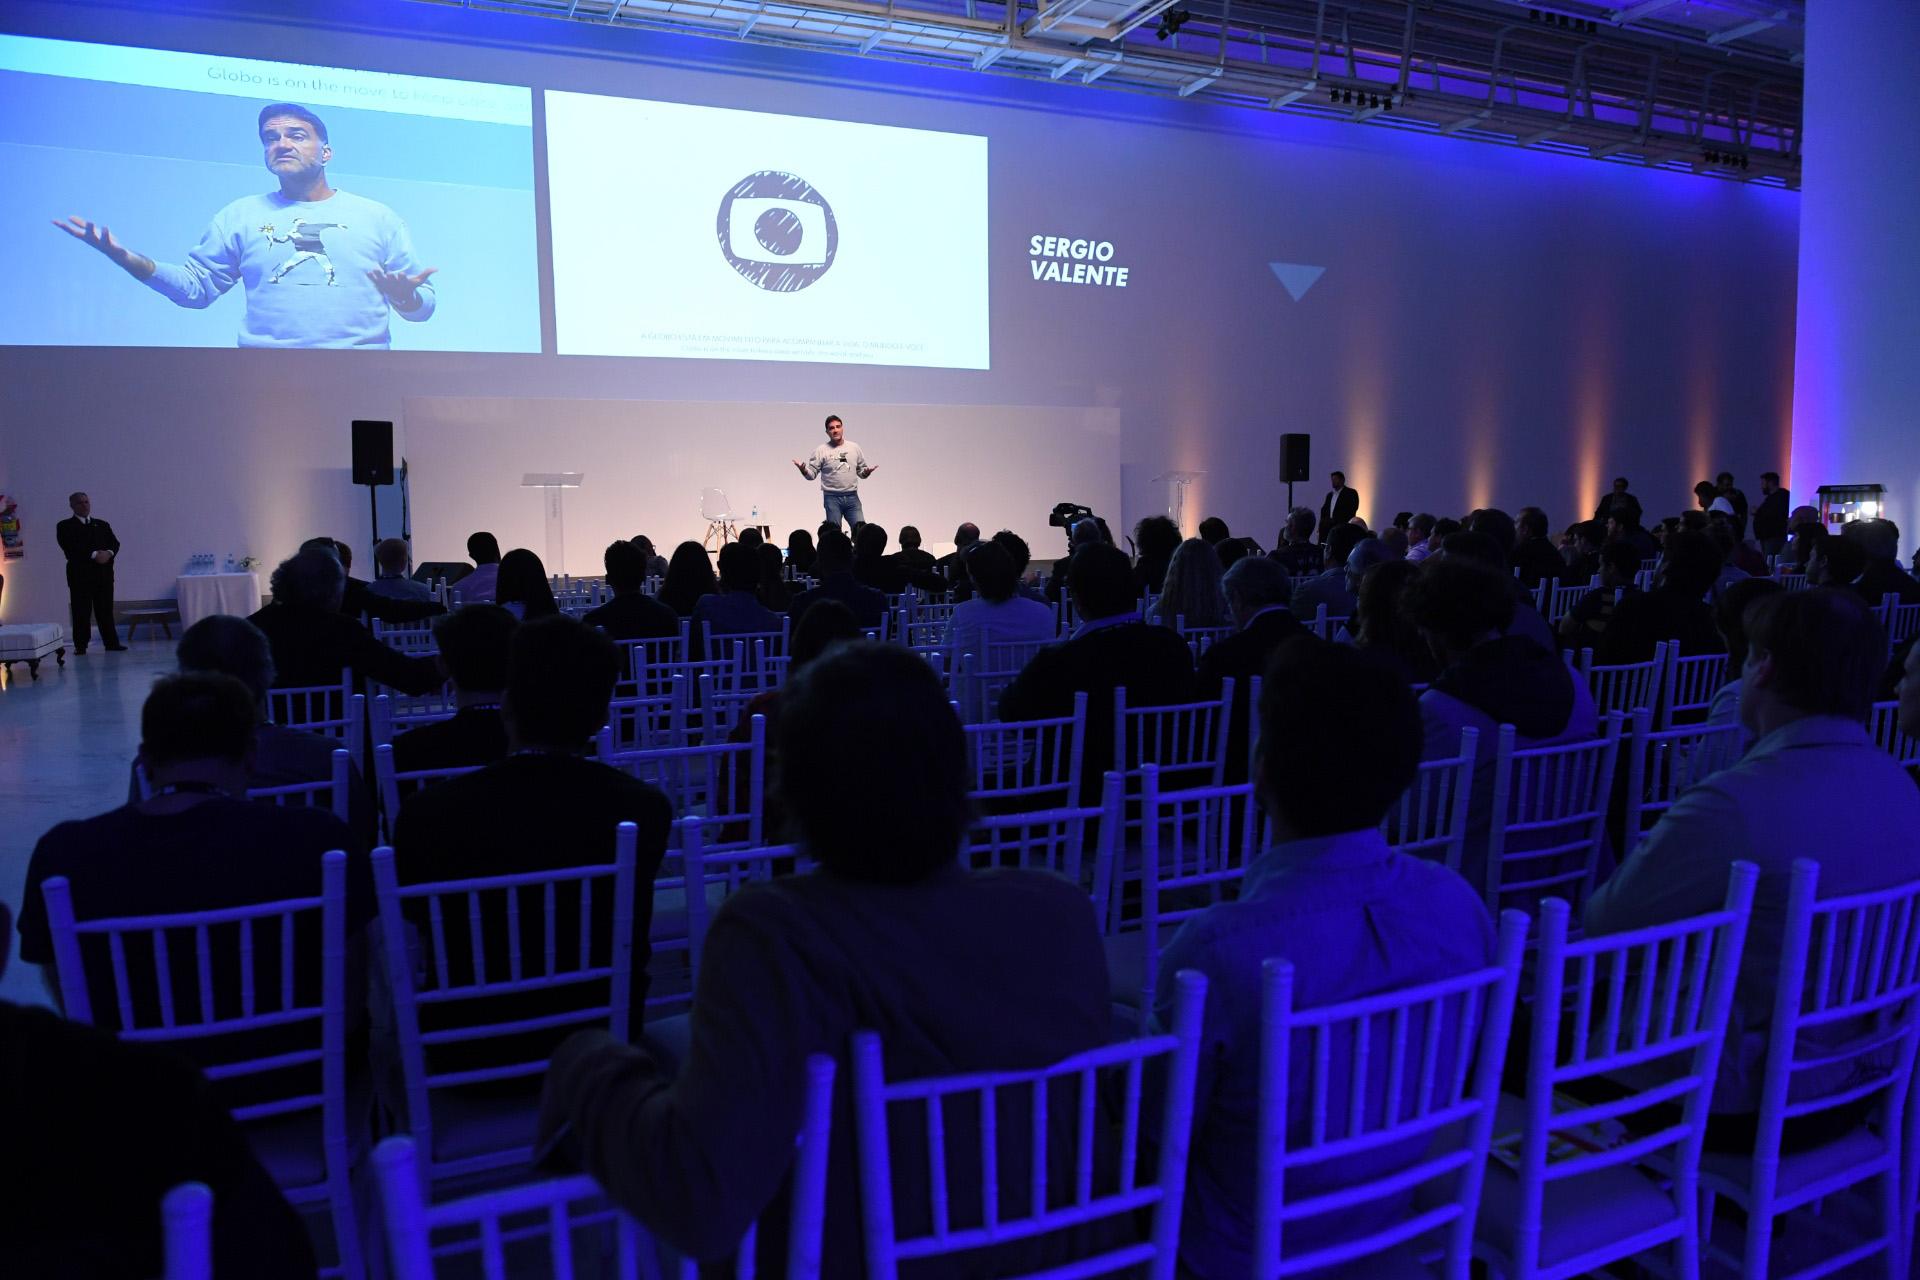 Día dos del Festival Iberoamericano de la Publicidad. Sergio Valente, director de Comunicaciones de O Globo llegó al FIAP 2018 desde Brasil para dar cuenta del caso del multimedio brasileño más grande de su país